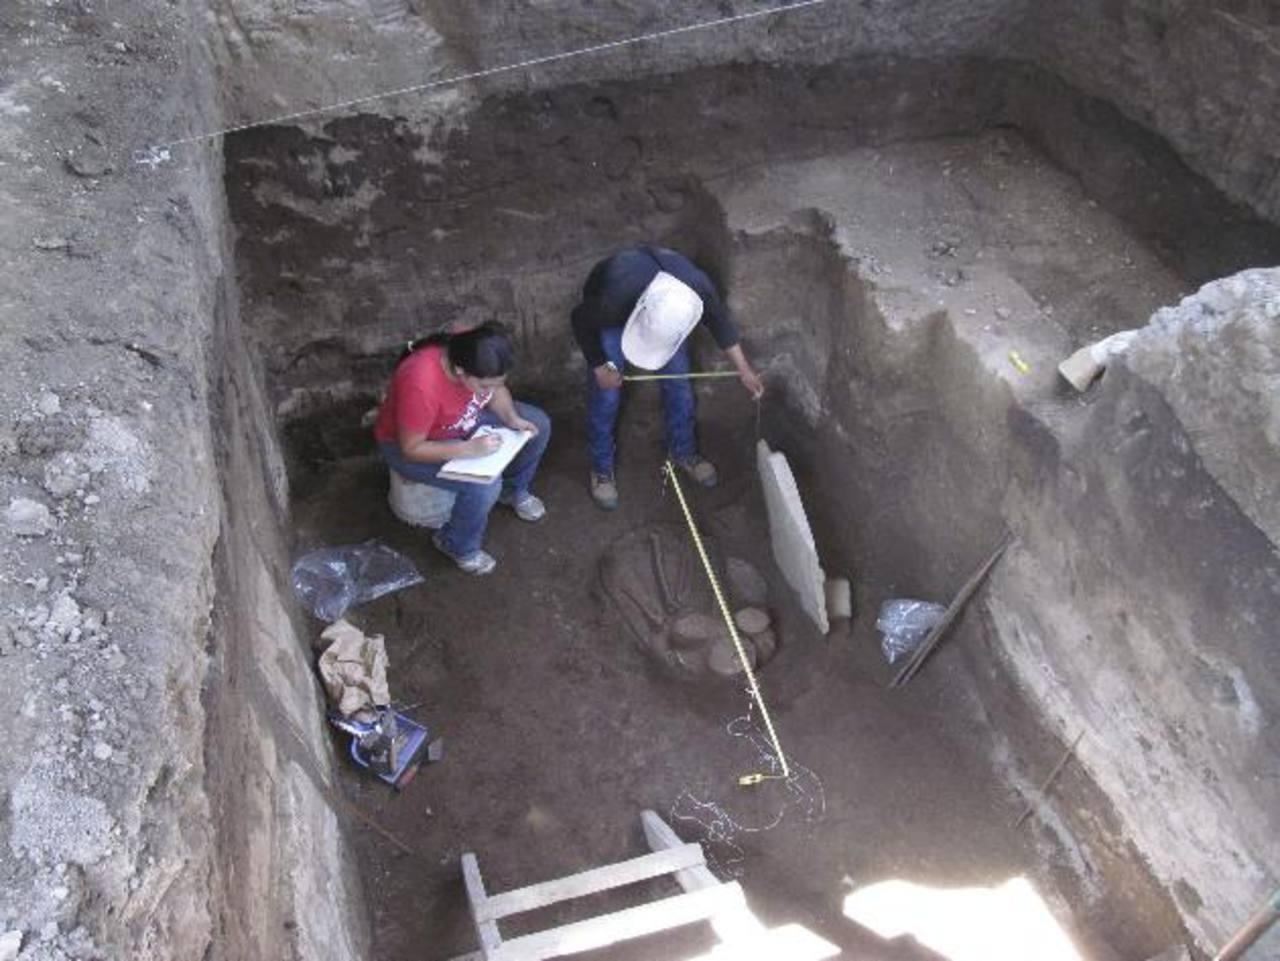 El hallazgo arqueológico incluye un entierro con dos vasijas a manera de ofrenda. Pertenece al periodo Clásico Tardío. foto EDH / efe